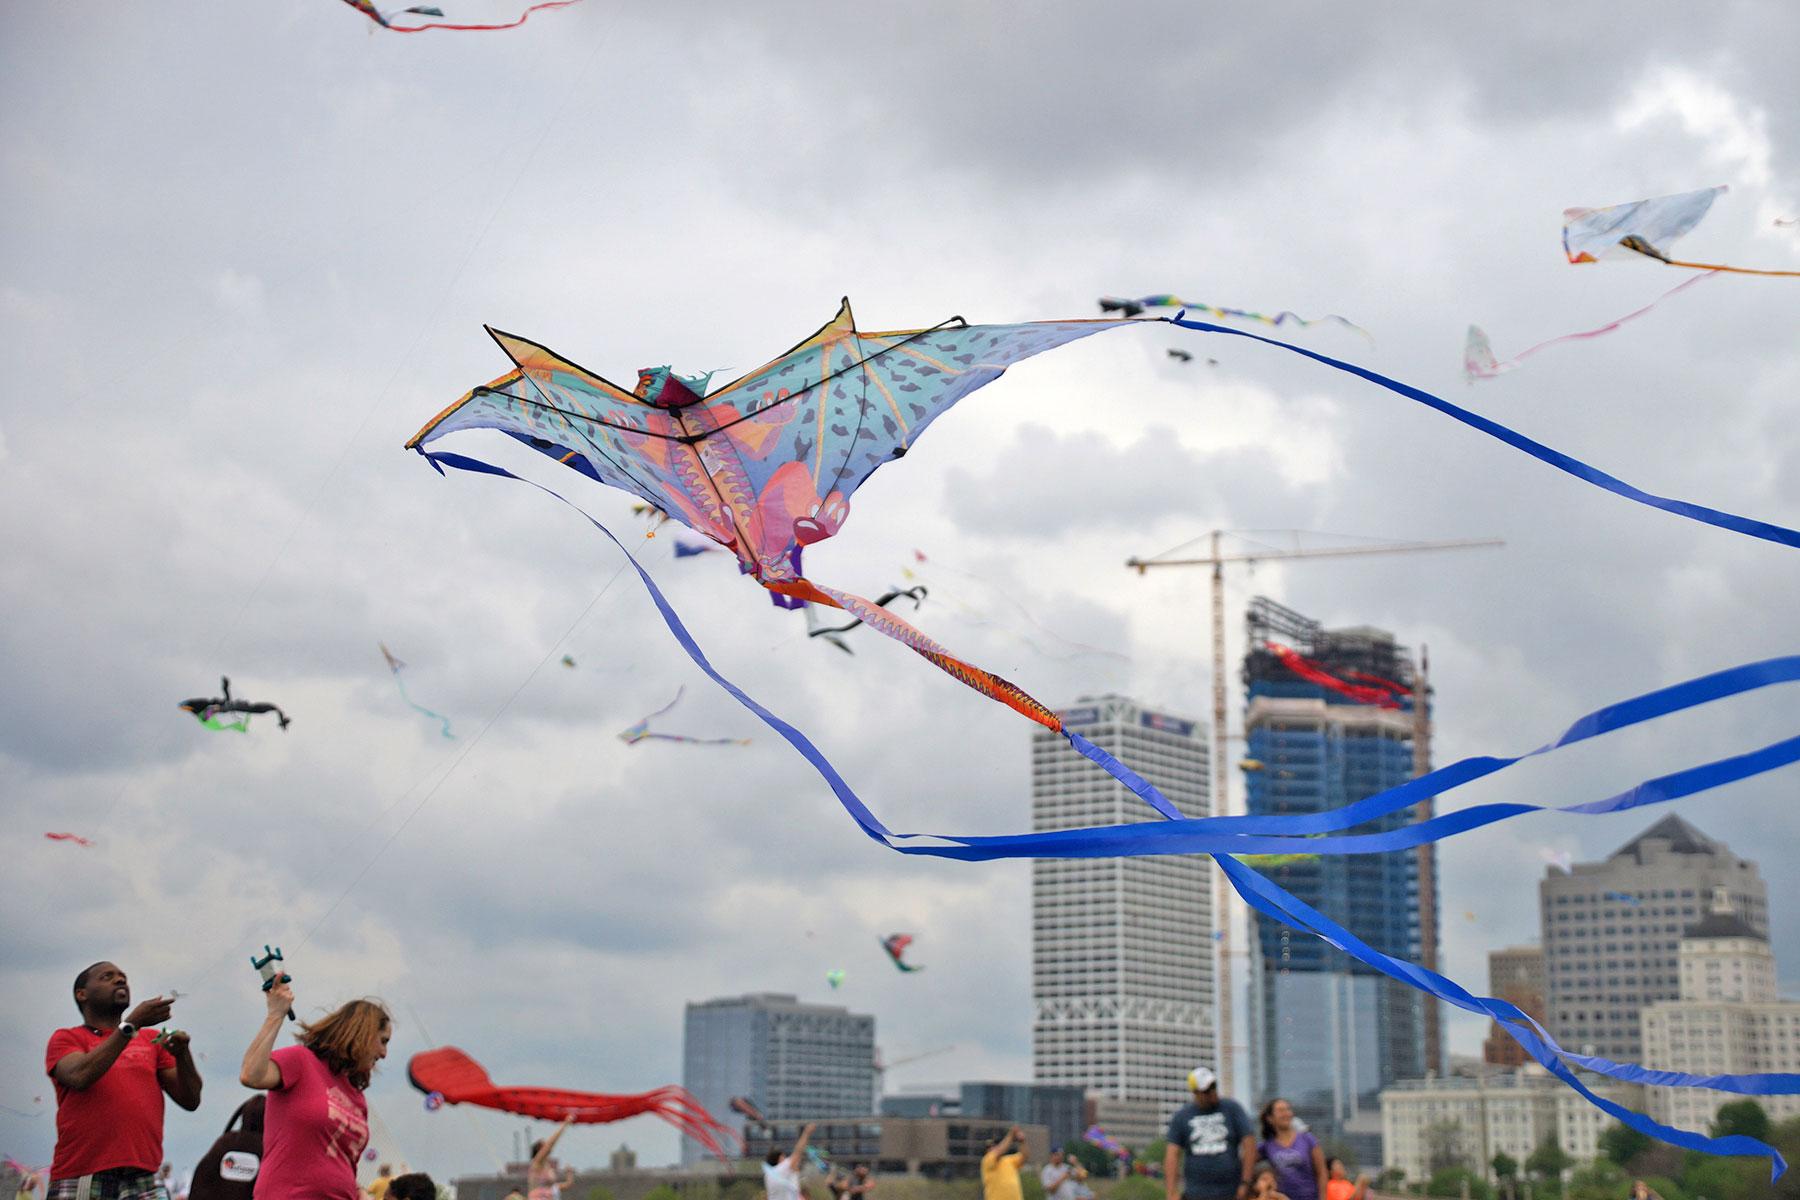 052816_KiteFest_1058